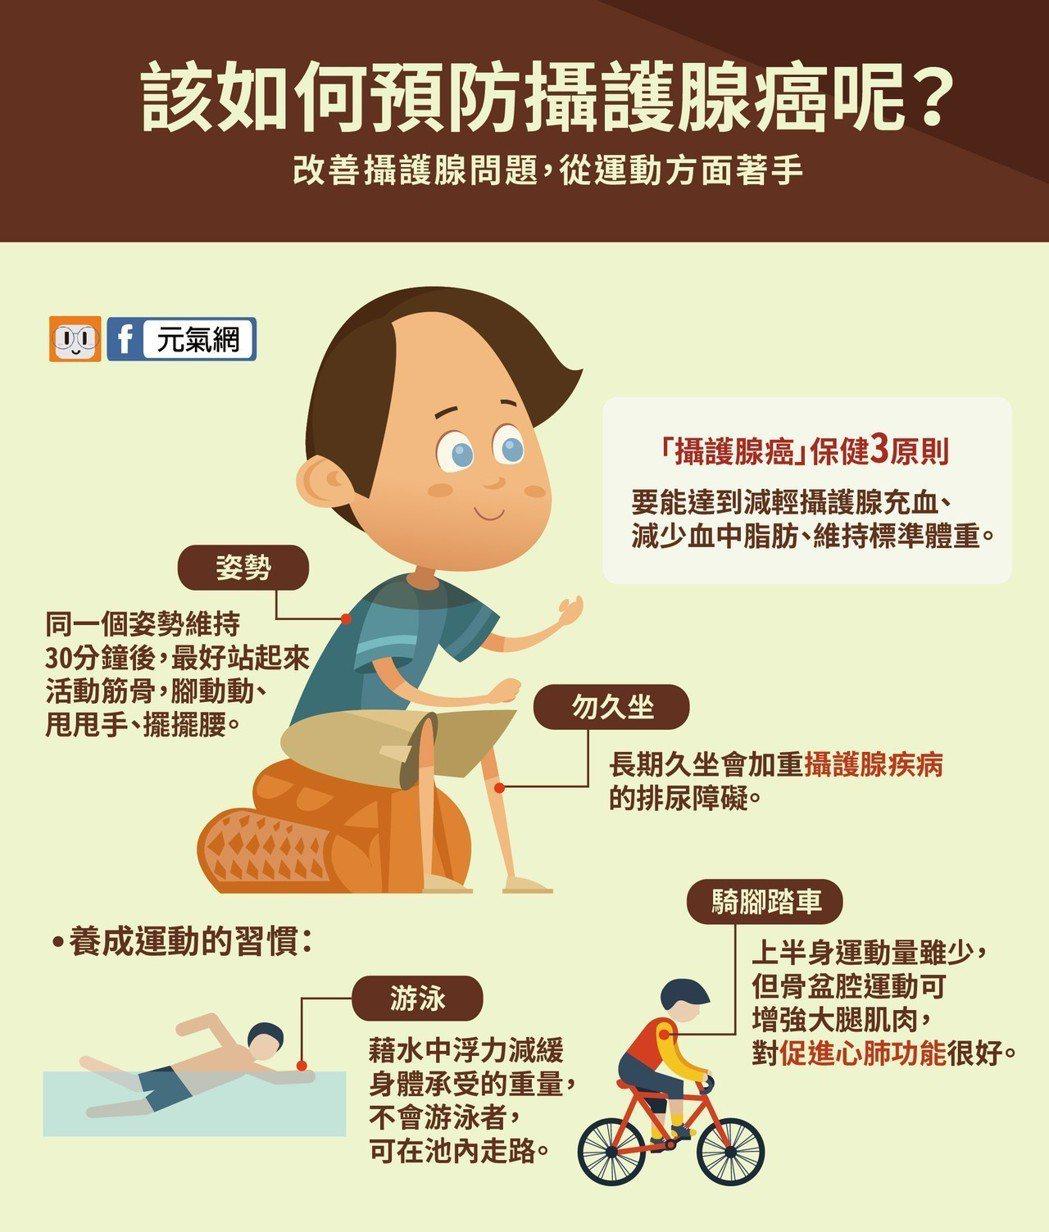 如何改善攝護腺問題? 製圖/黃琬淑